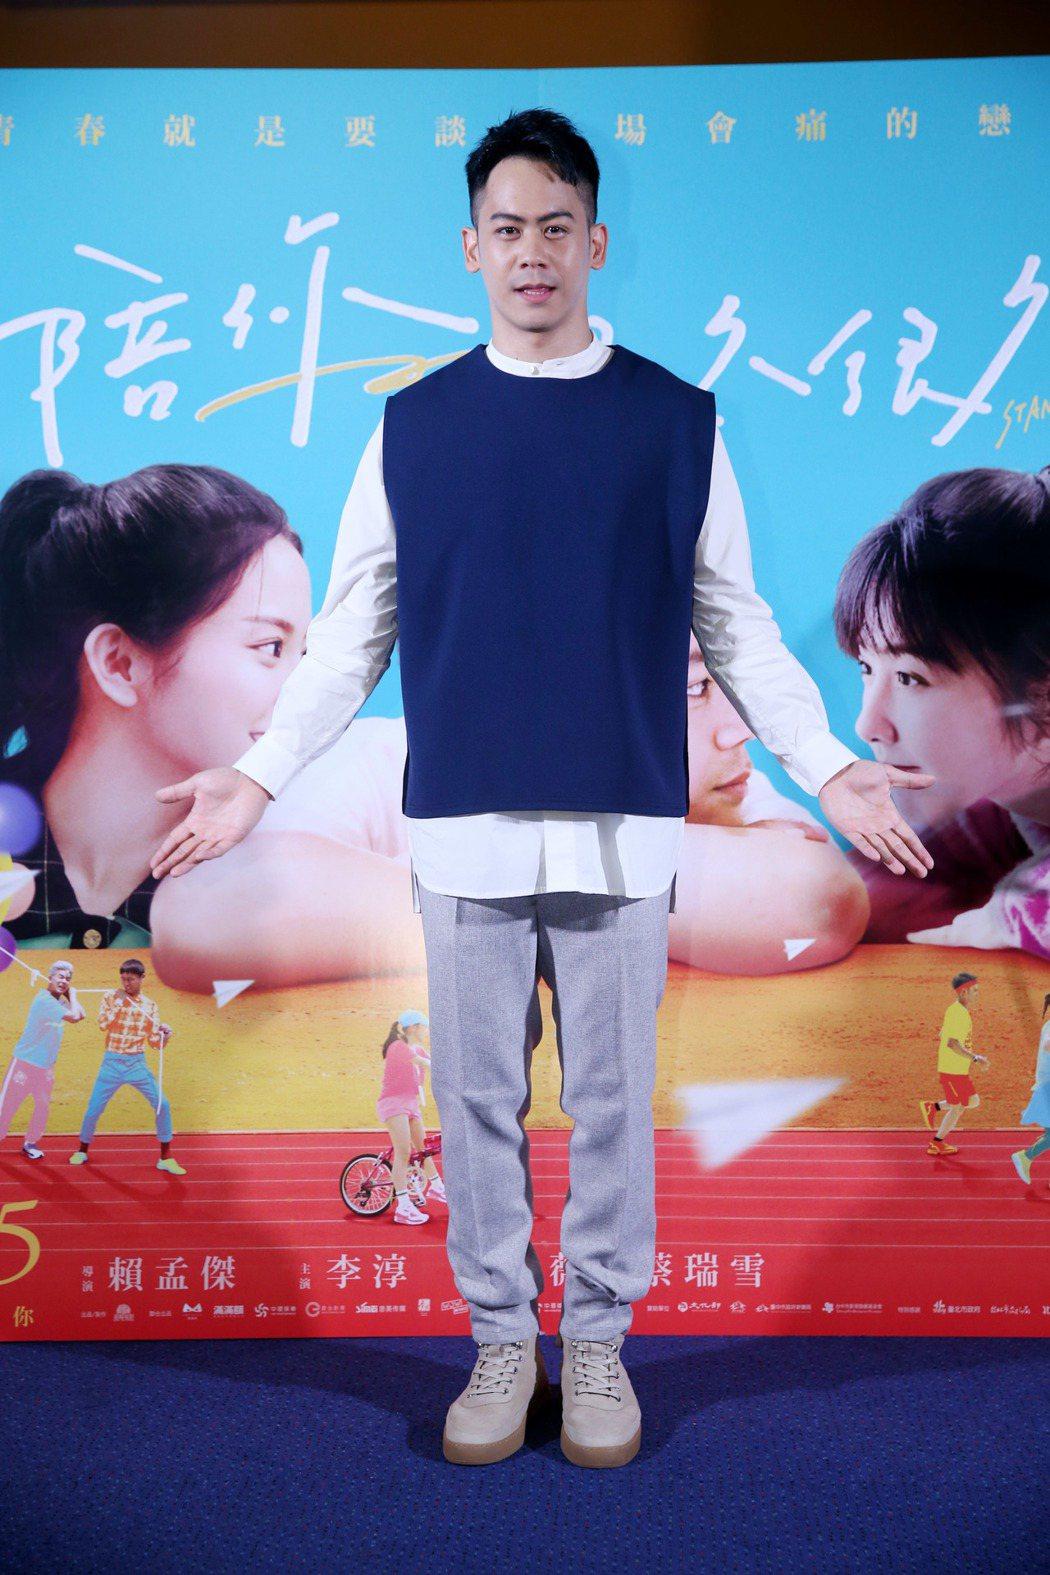 電影《陪你很久很久》舉行媒體試片活動,主要演員李淳。記者邱德祥/攝影